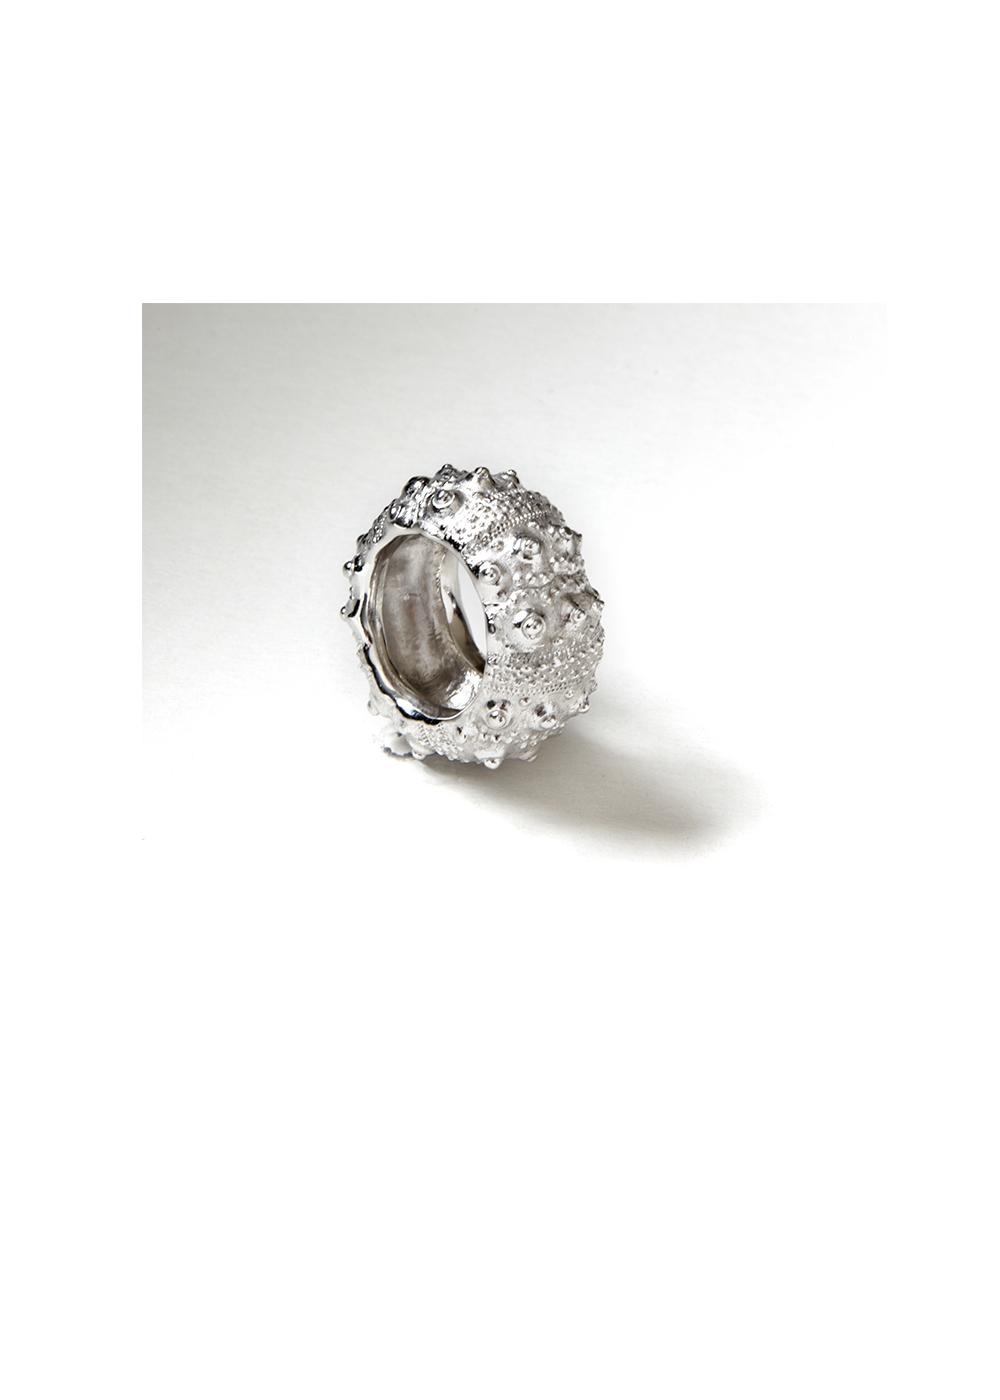 Echinite Ring